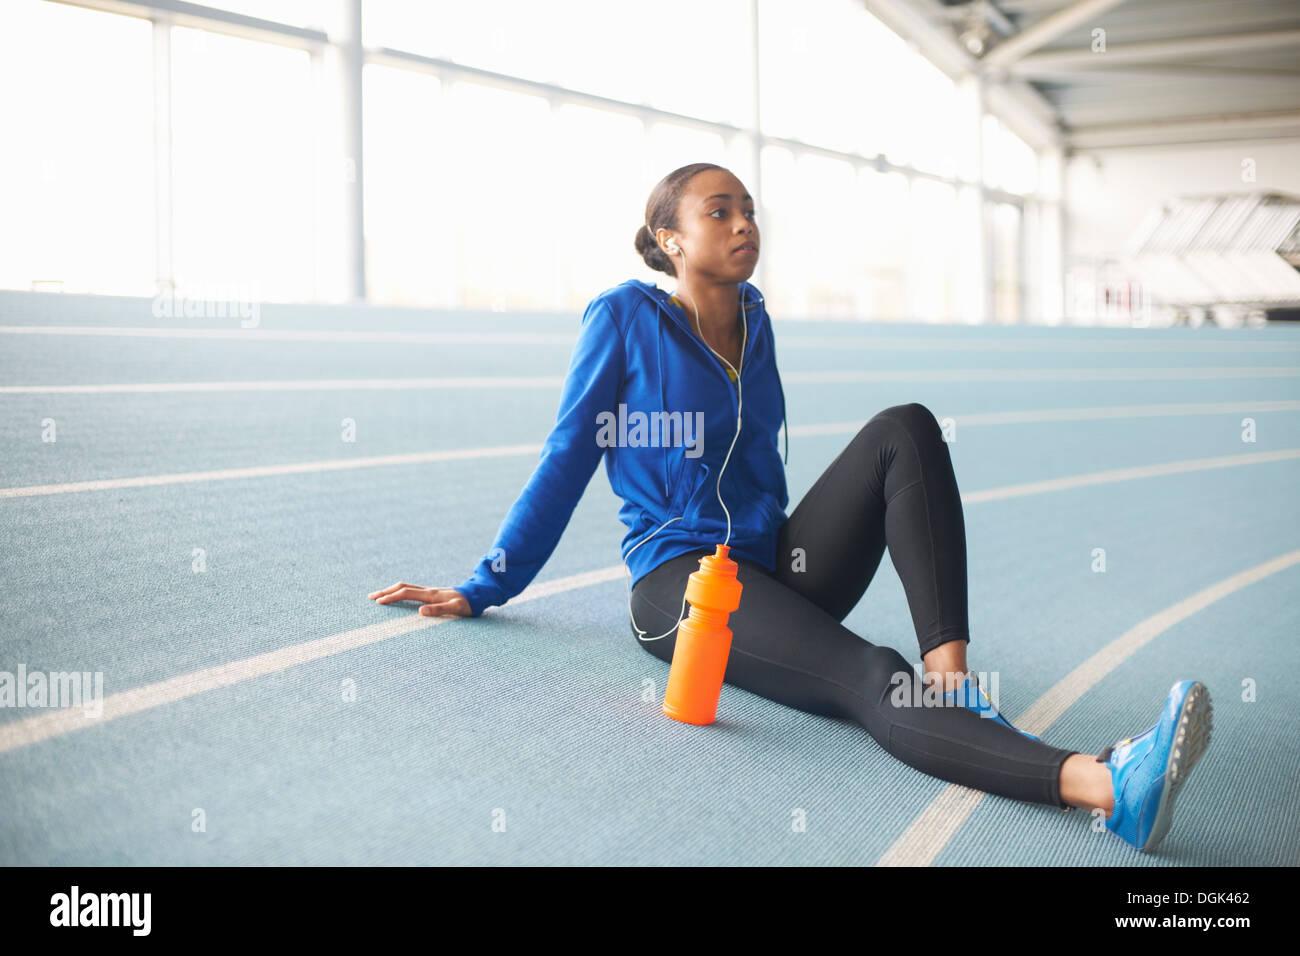 Joven atleta femenina usando auriculares descansando Imagen De Stock